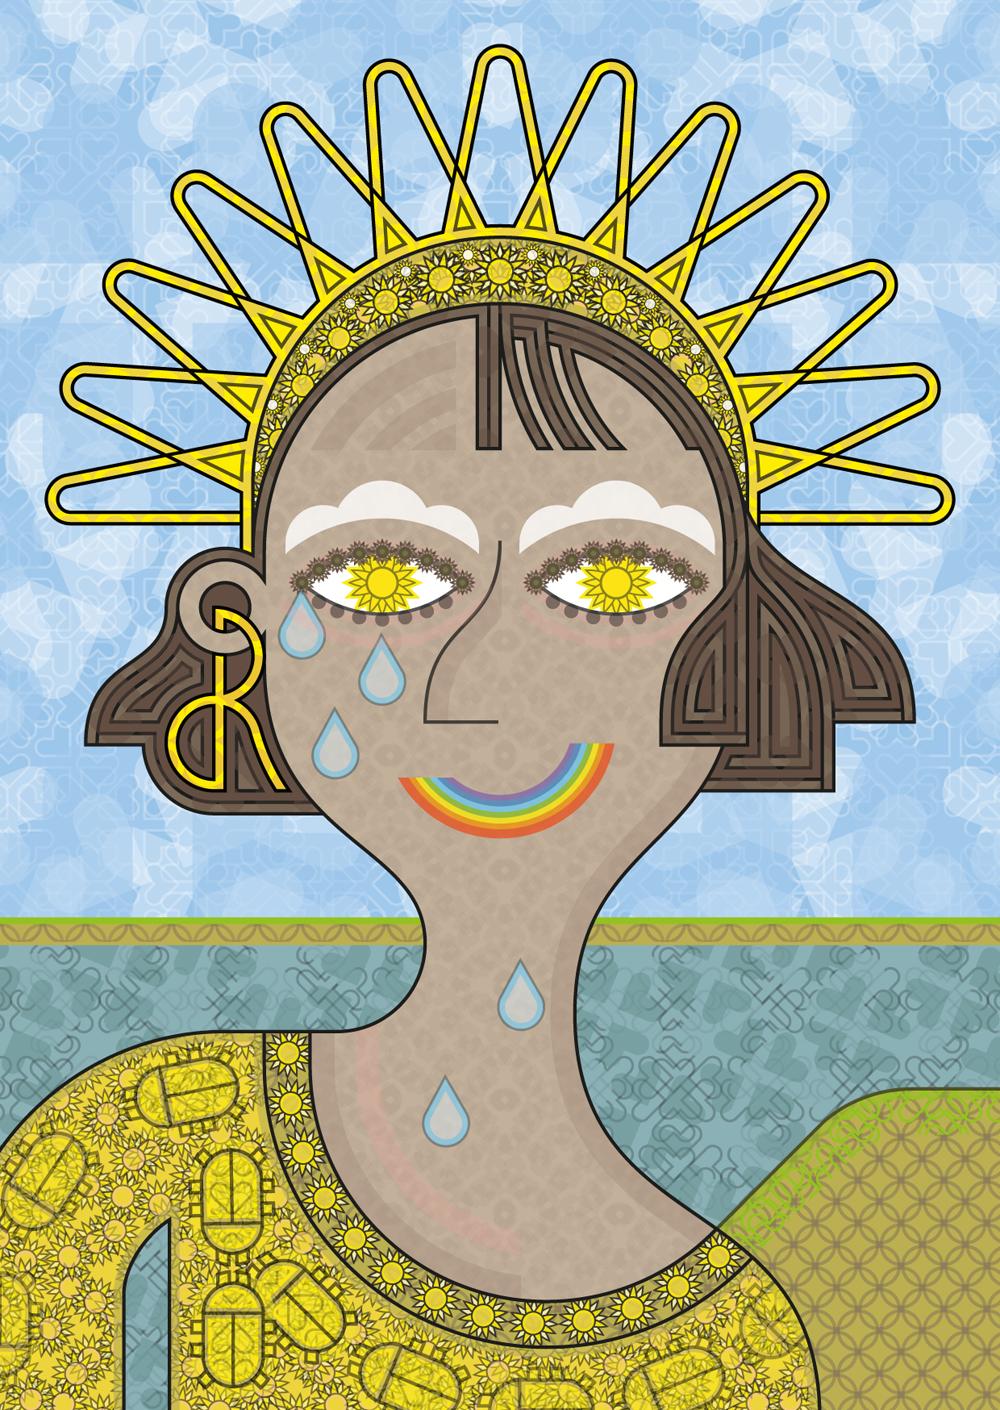 Soleil pupille, chaudes larmes et bouche arc-en-ciel dessinent un souriant visage